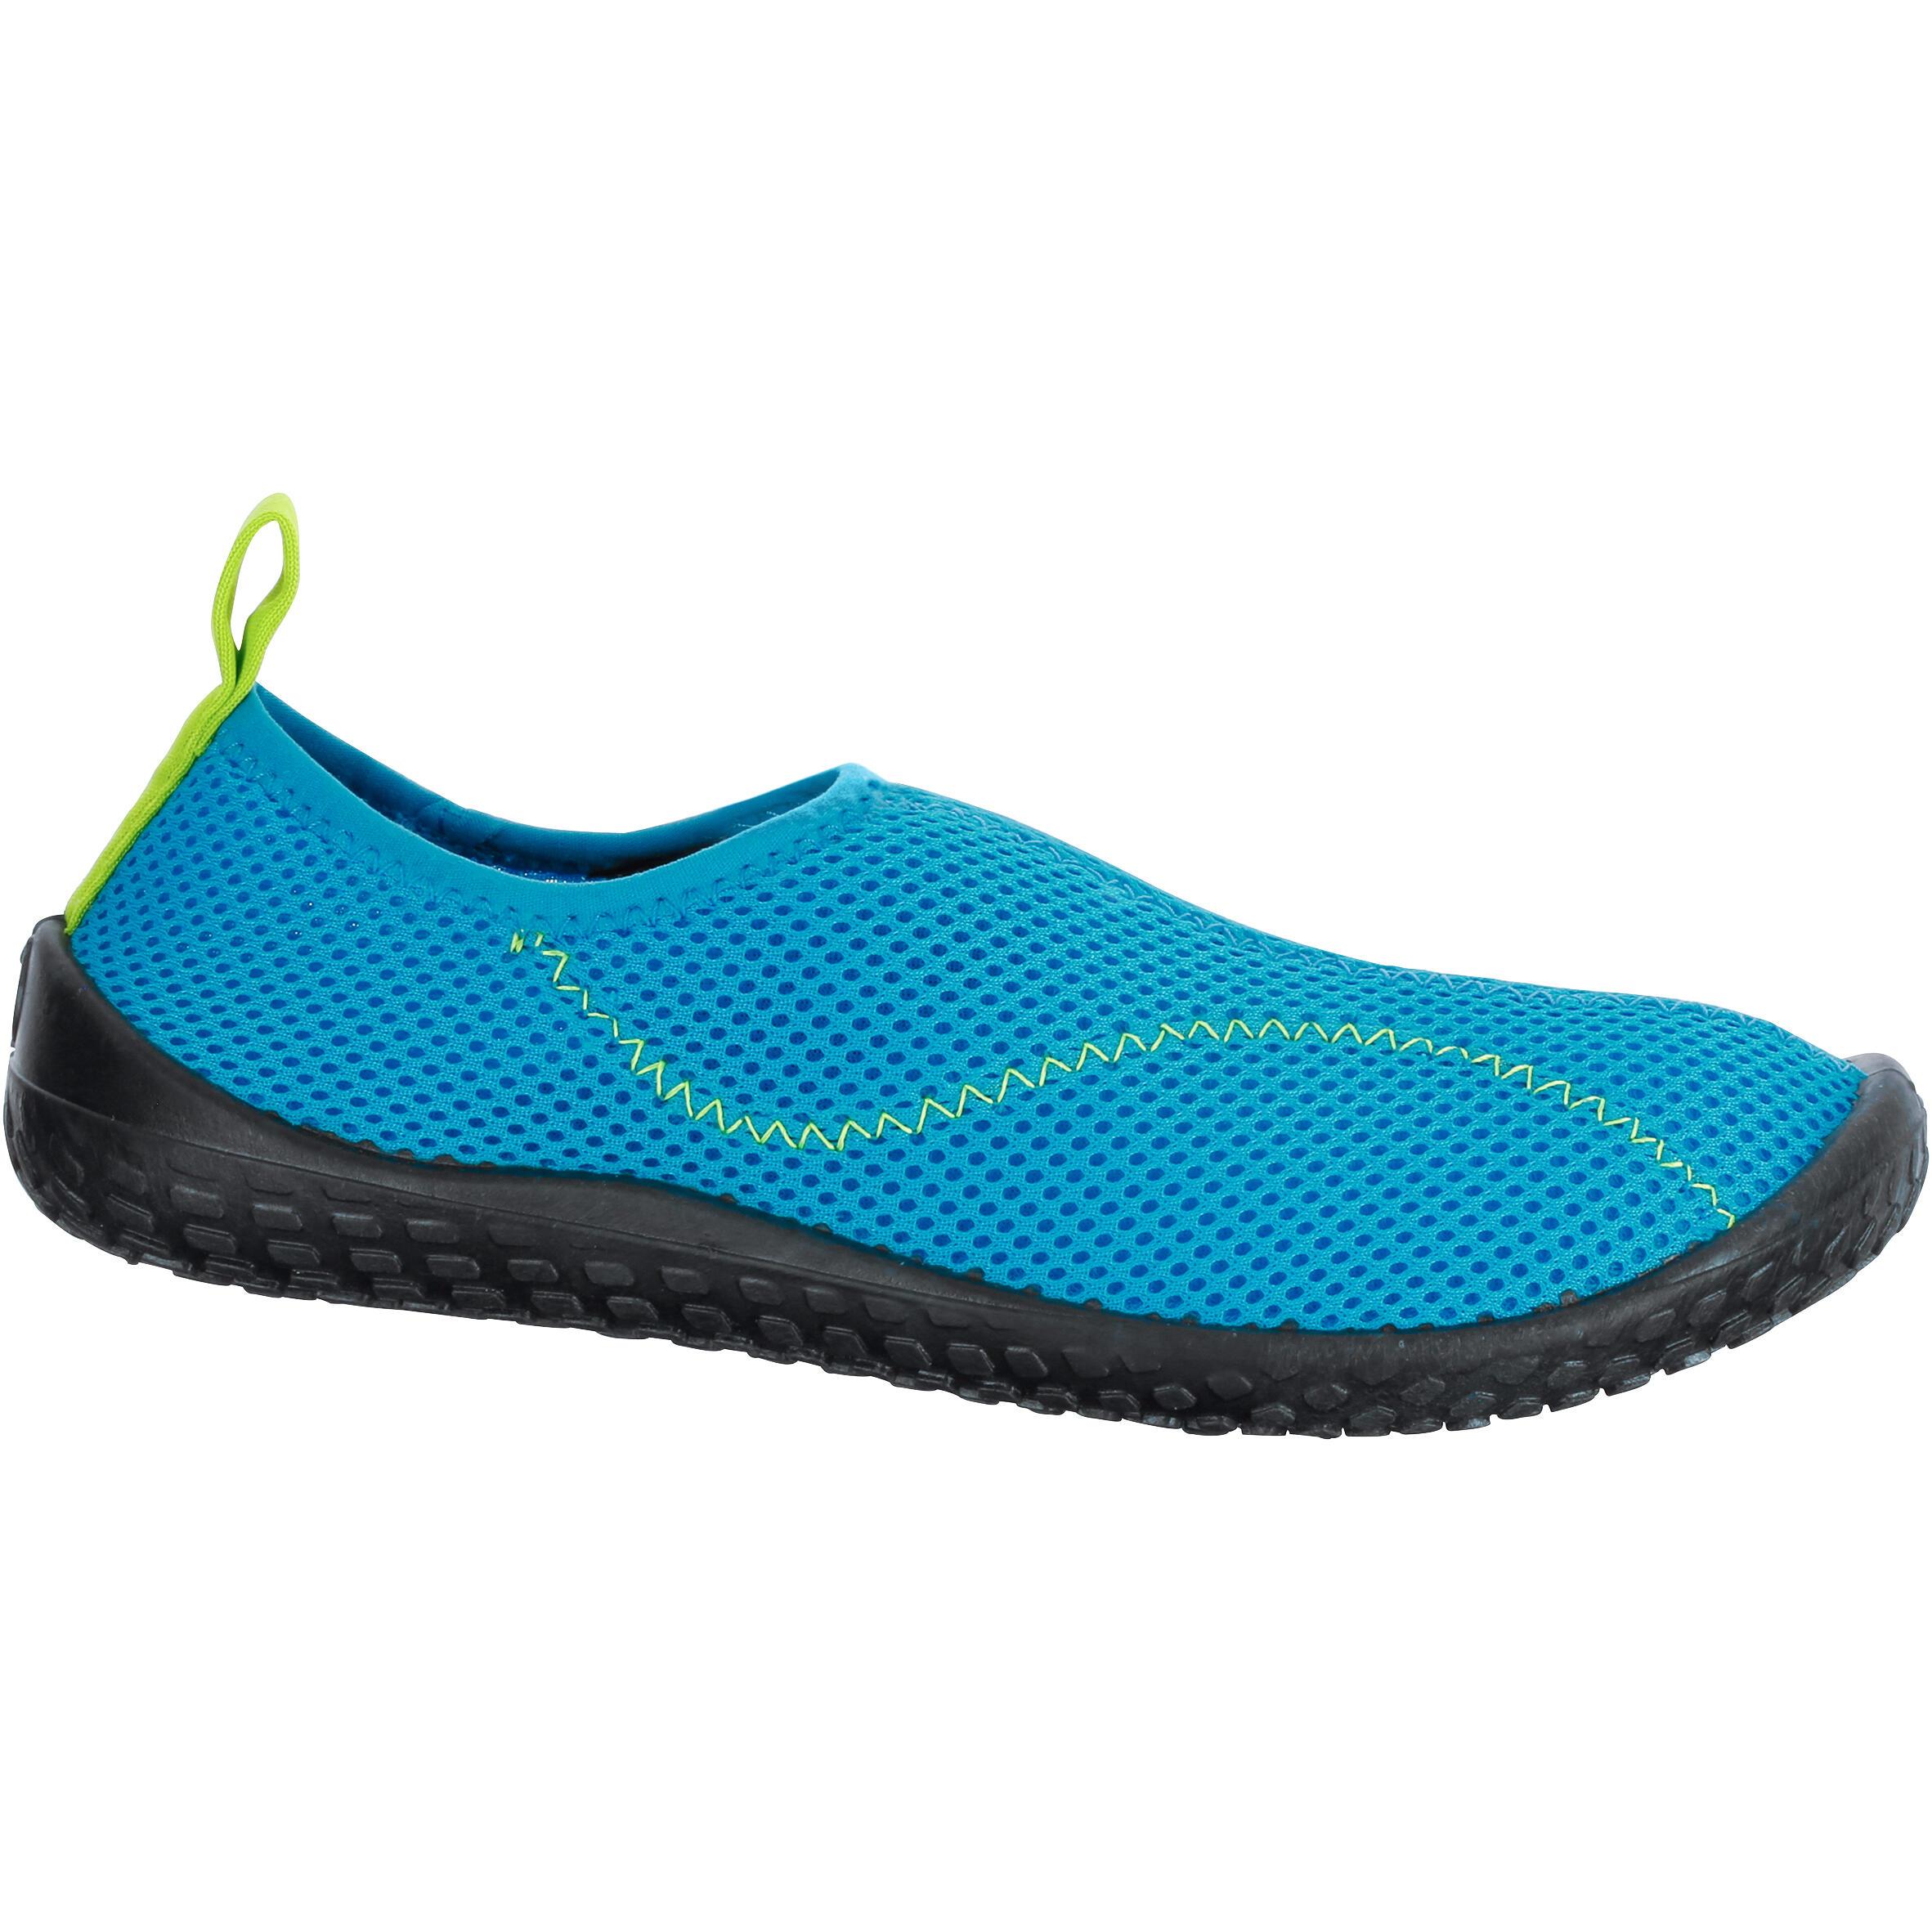 Tenis acuáticos Aquashoes 100 niños azul claro